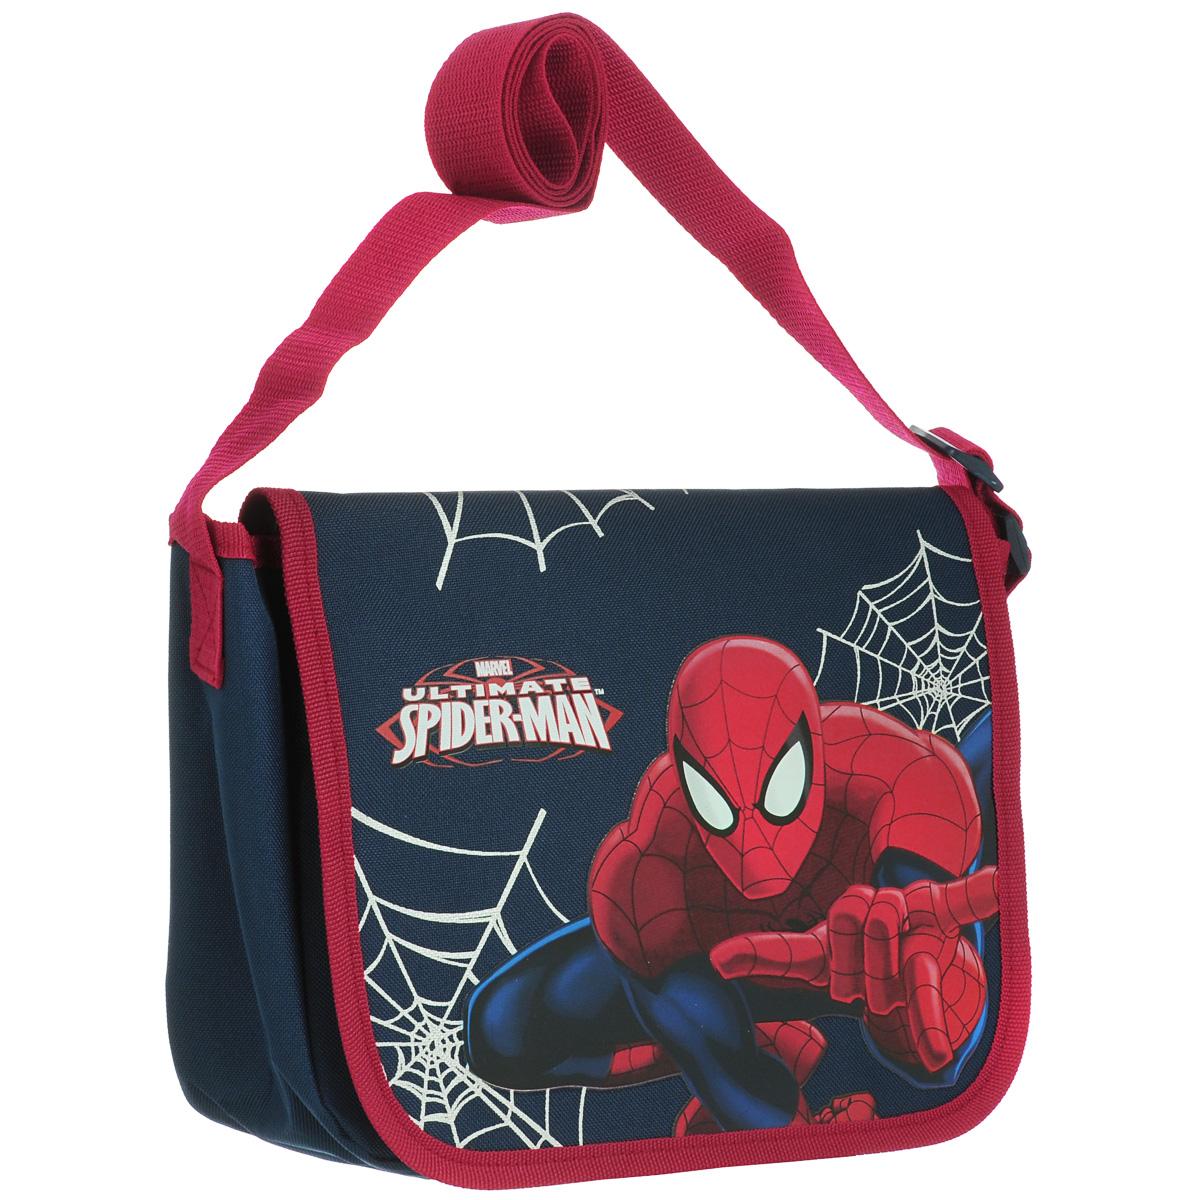 Сумка детская на плечо Spider-Man, цвет: синий, красный. SMAP-UT-4072SMAP-UT-4072Детская сумка Spider-Man выполнена из прочного полиэстера и оформлена термоаппликацией с изображением супергероя Человека-Паука. Сумочка содержит одно отделение и закрывается клапаном на липучках. Внутри находится пришивной кармашек для мелочей на молнии. Сумочка оснащена регулируемым по длине текстильным ремнем для переноски на плече, благодаря чему подойдет ребенку любого роста.